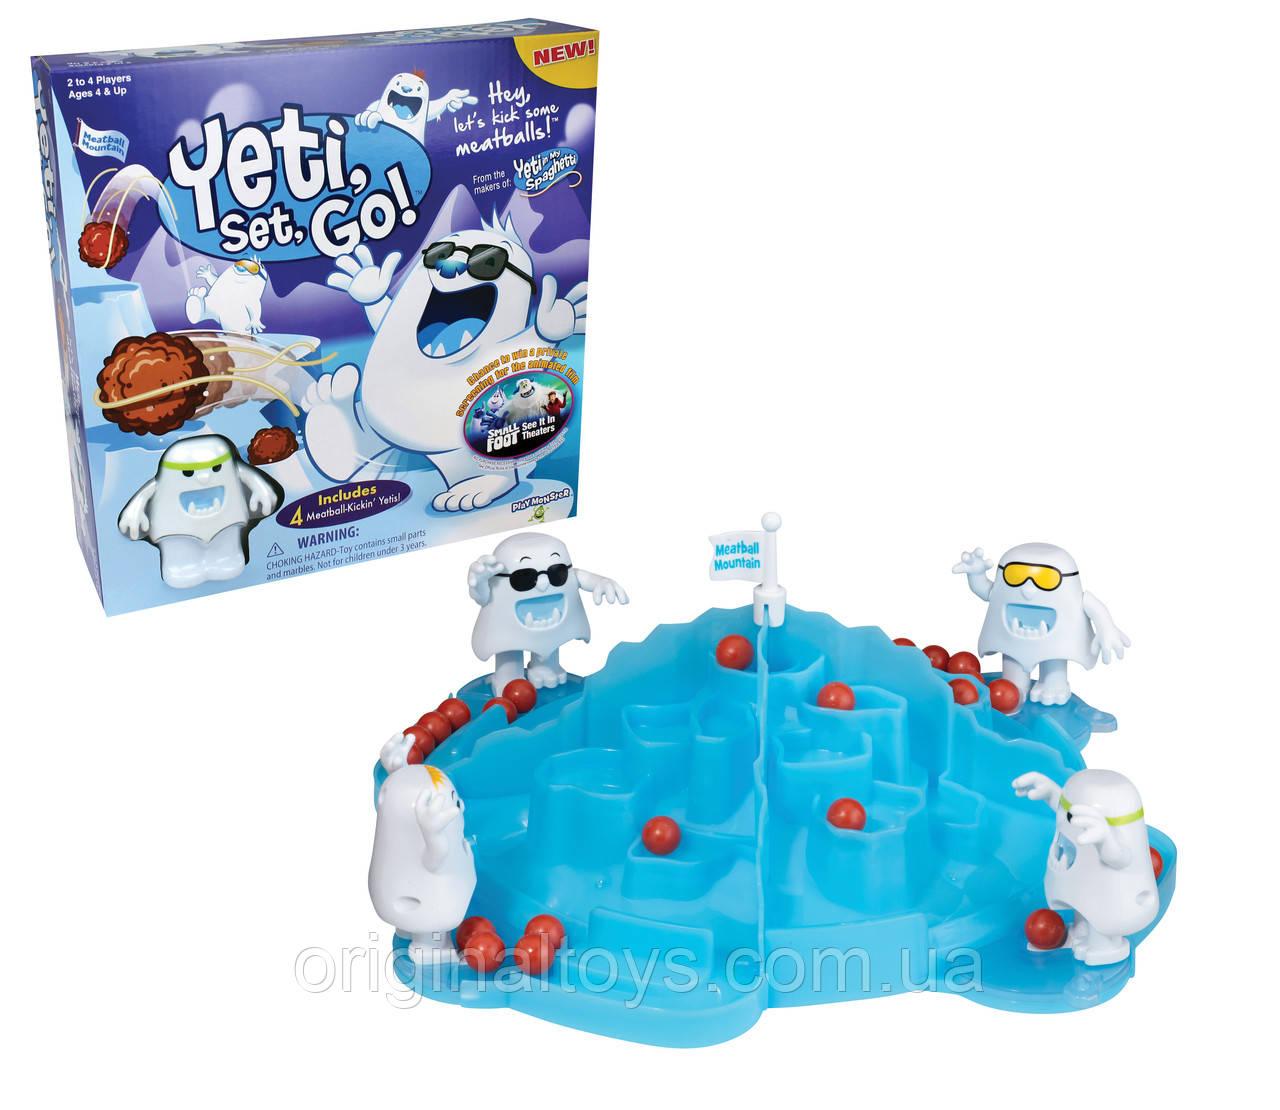 Настольная игра Yeti, Set, Go PlayMonster